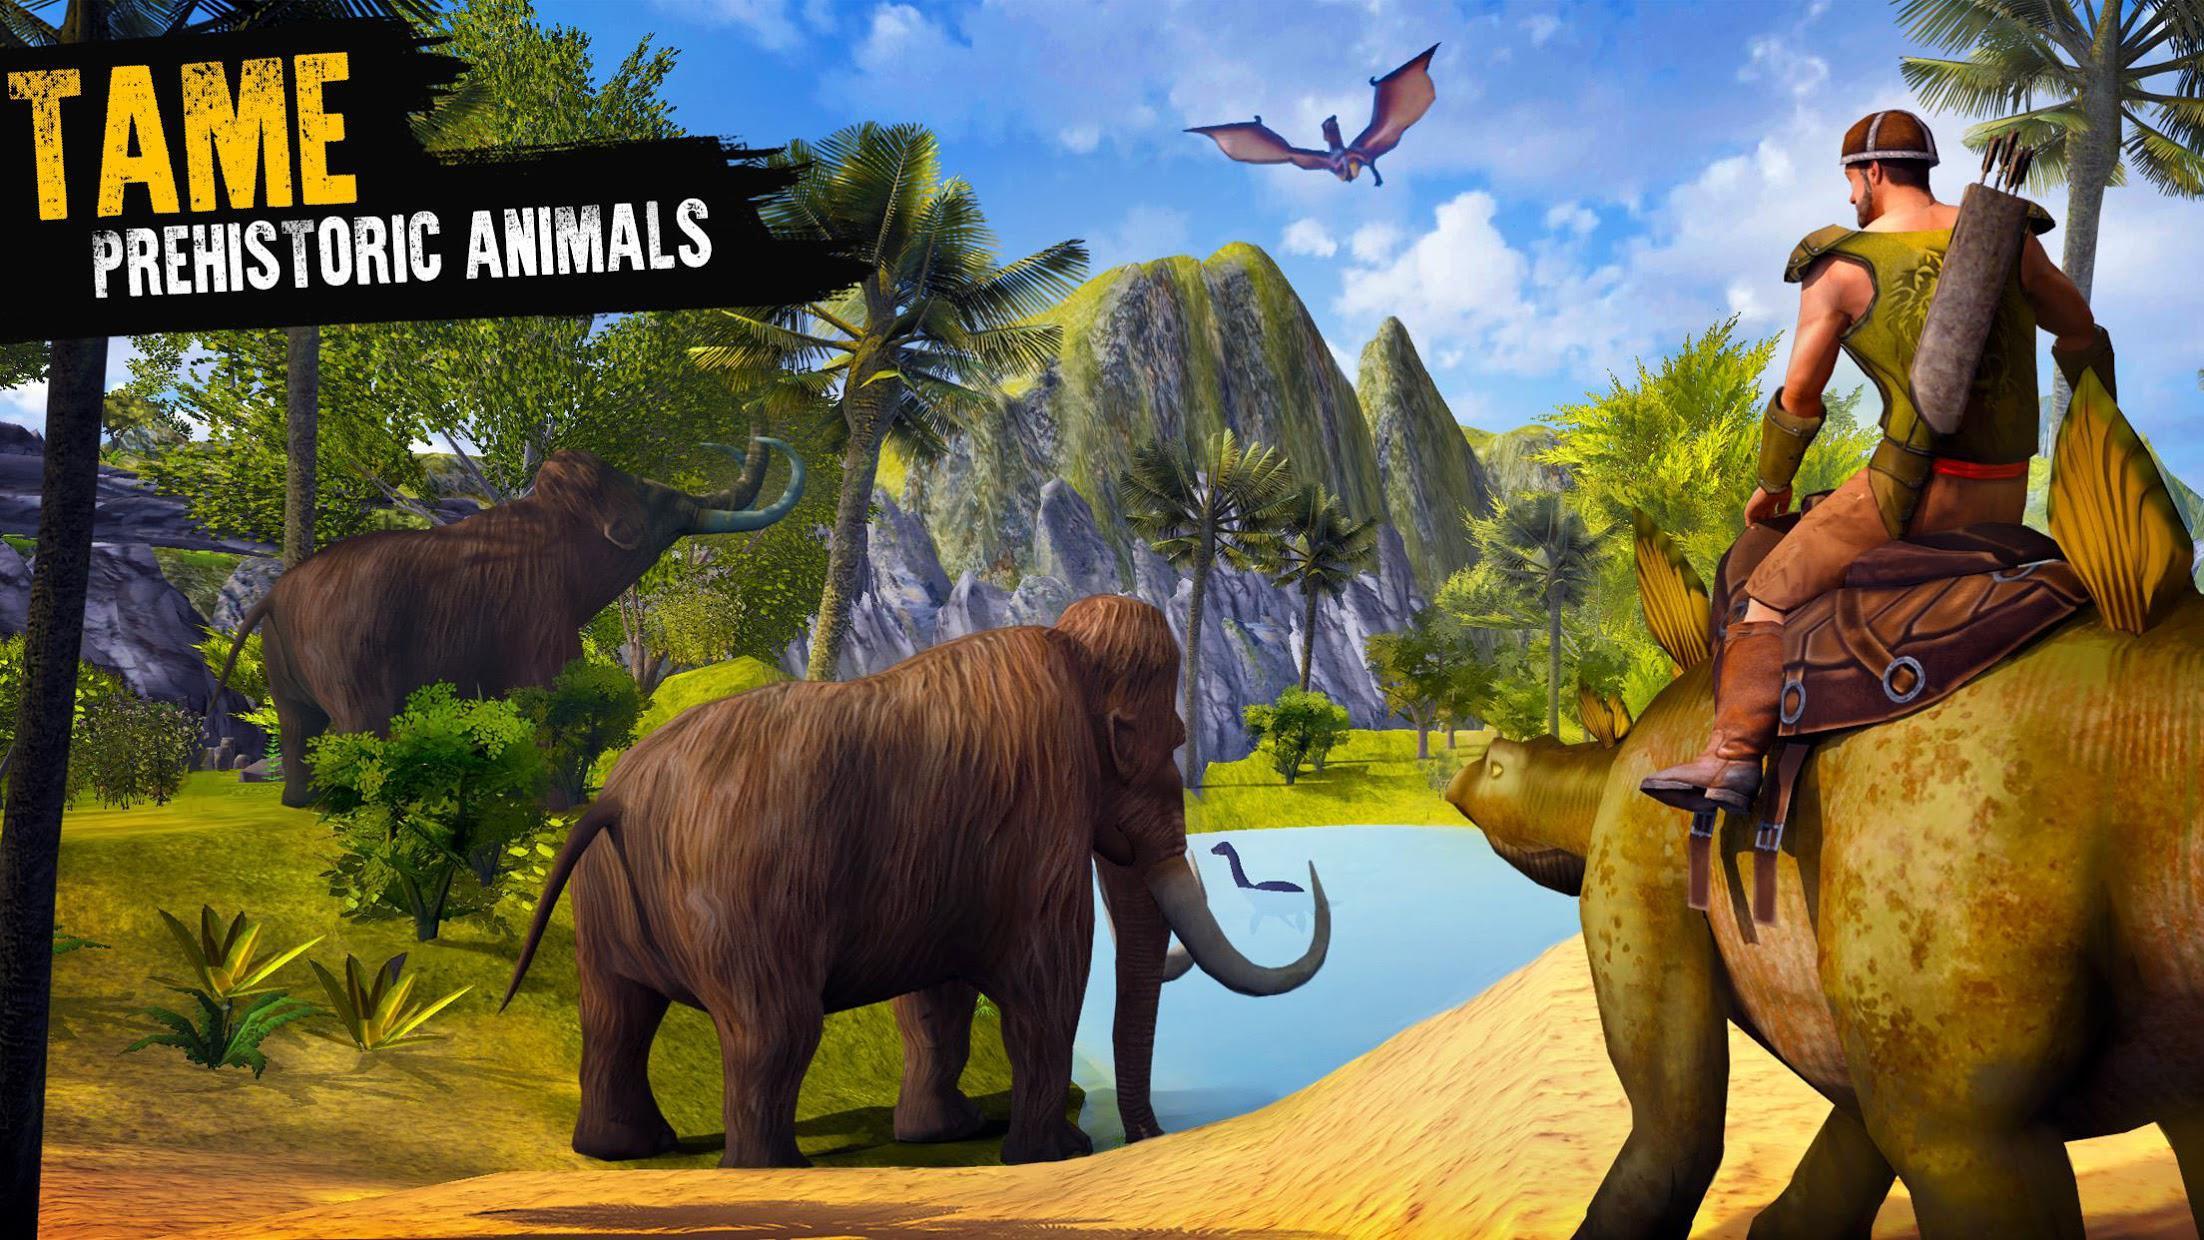 侏罗纪生存岛:恐龙与工艺 游戏截图1